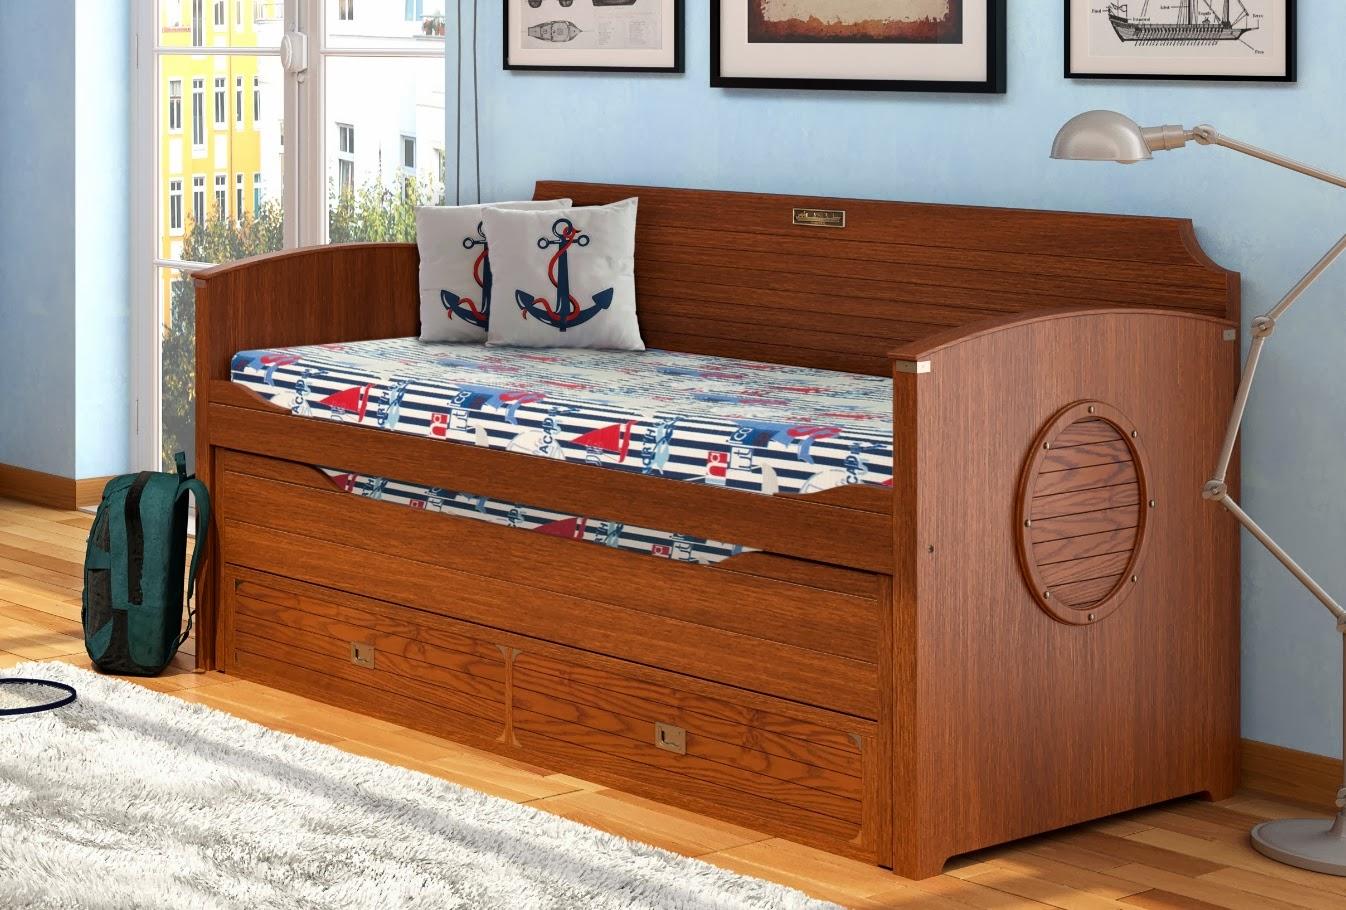 Blog de mbar muebles dormitorios estilo barco for Cama nido color madera